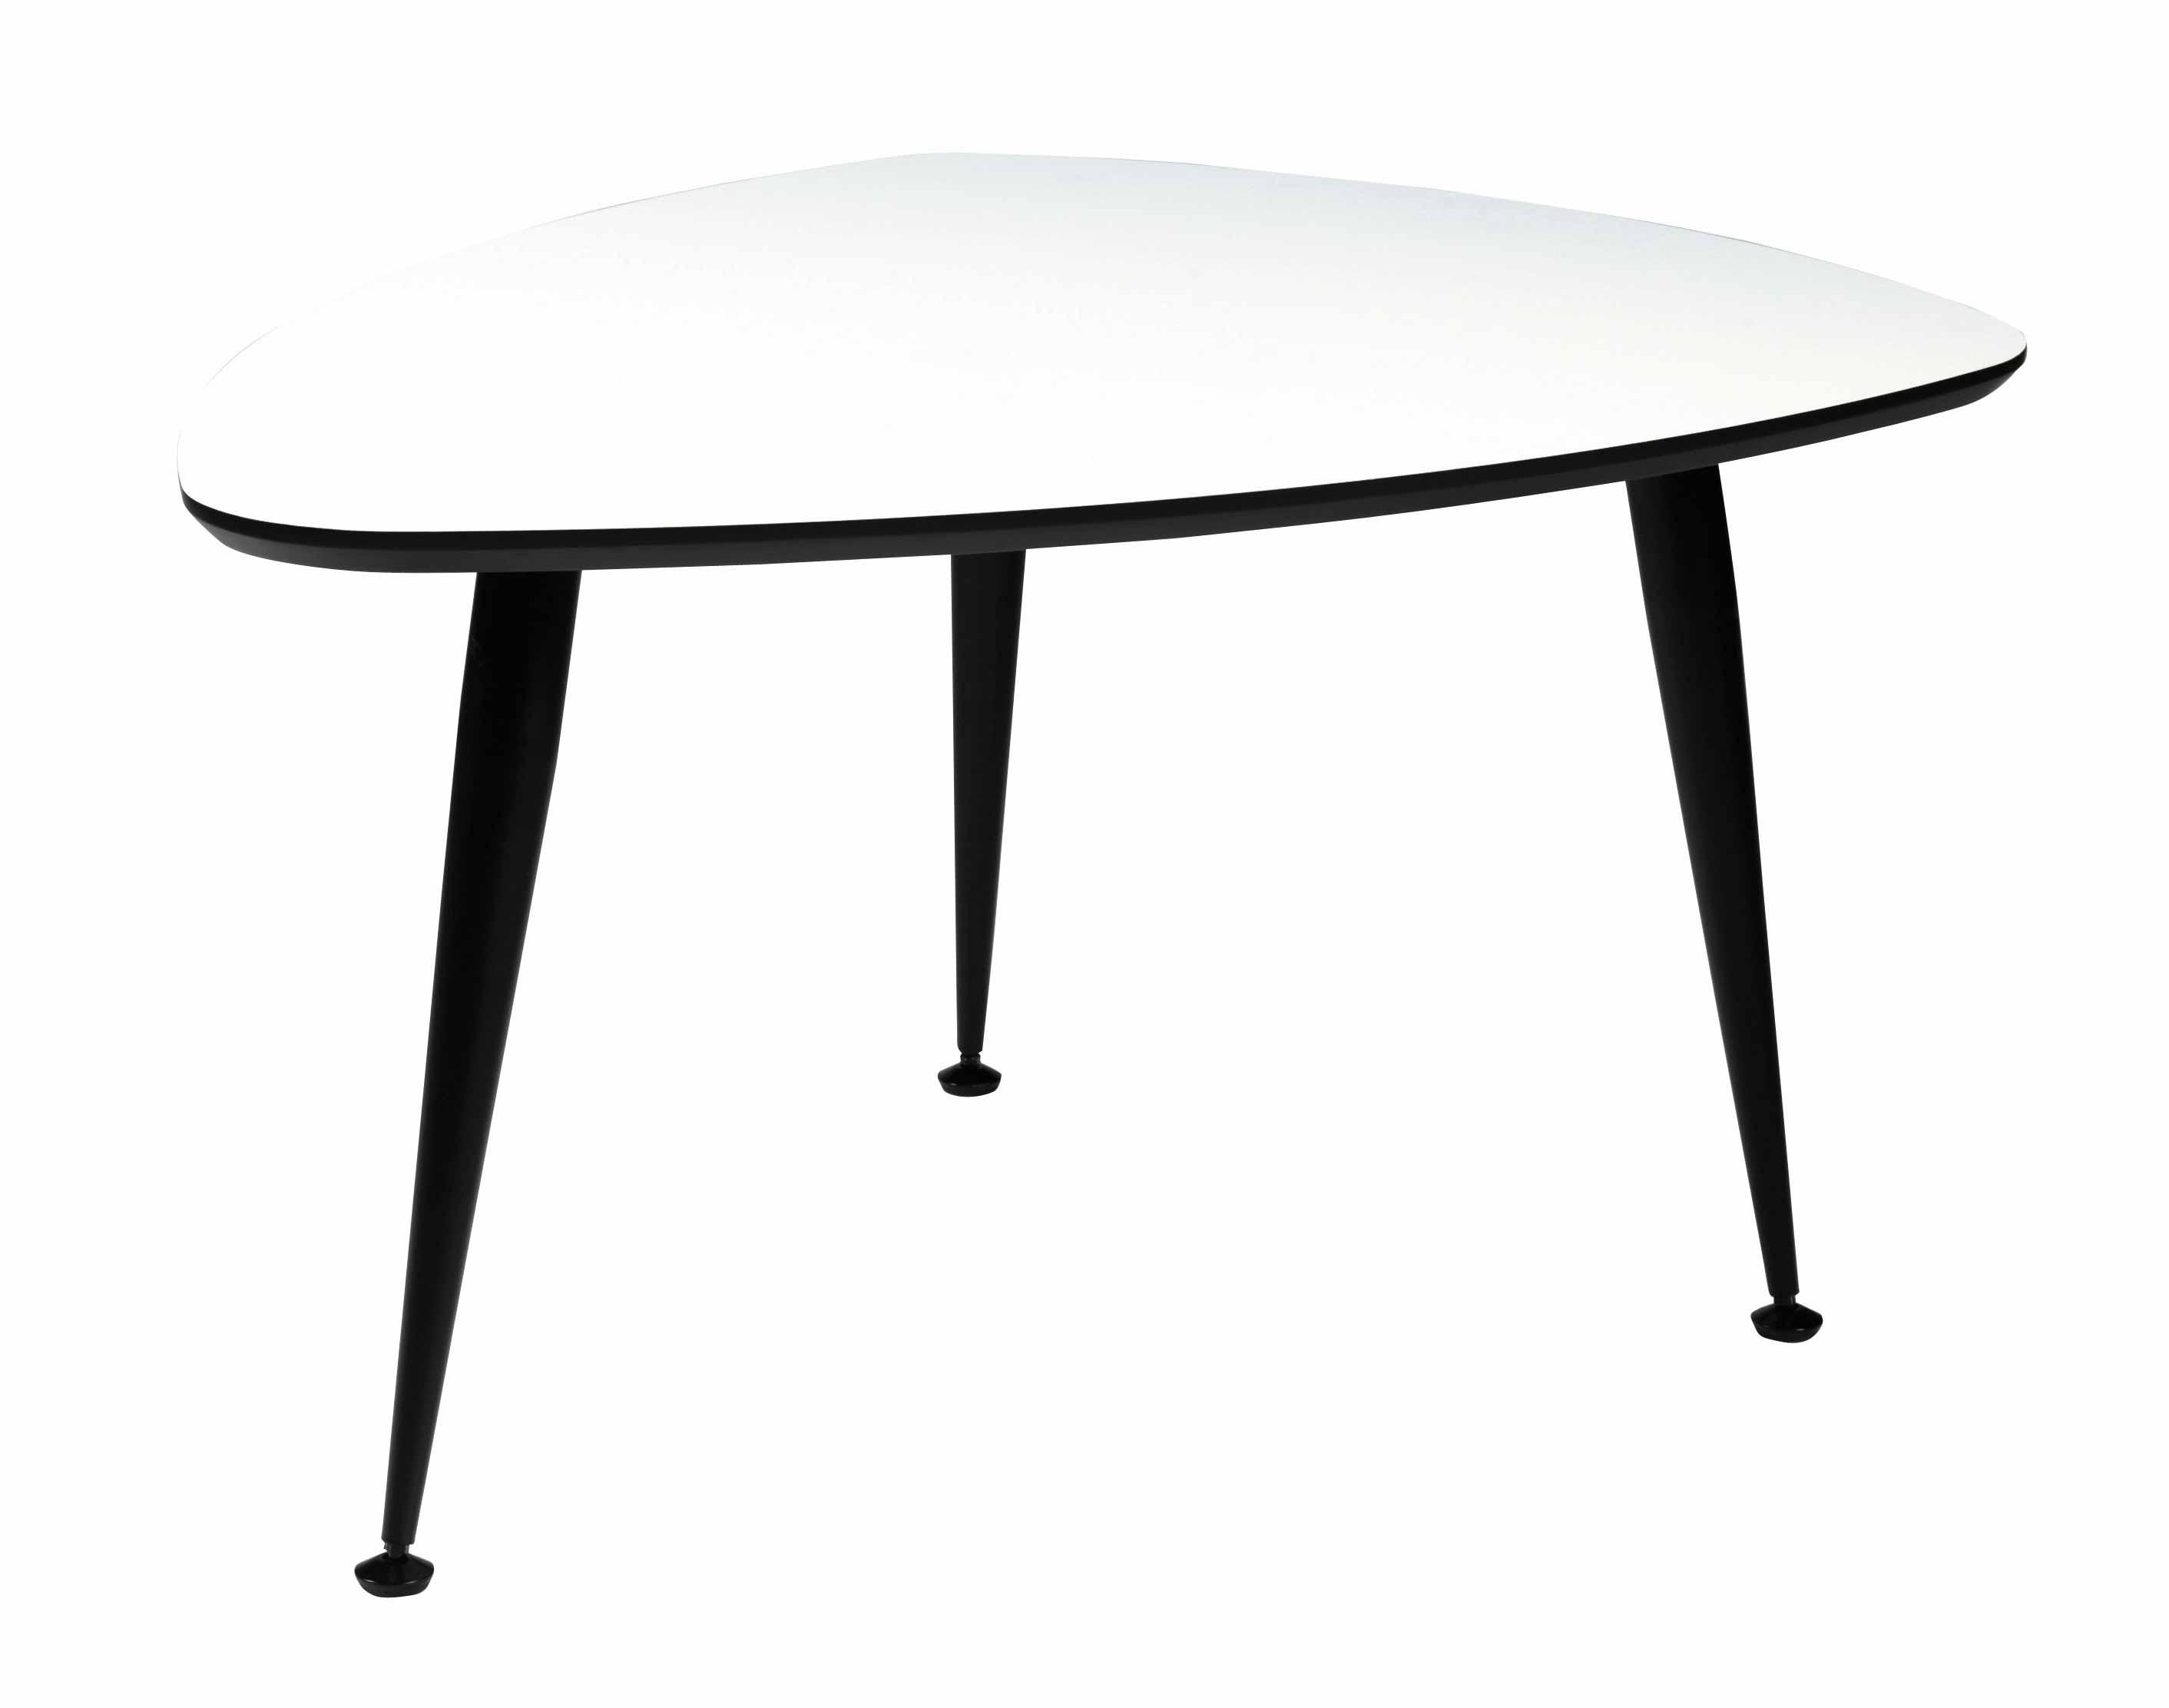 Strike sofabord - Hvidt træ, sort stål stel, trekantet